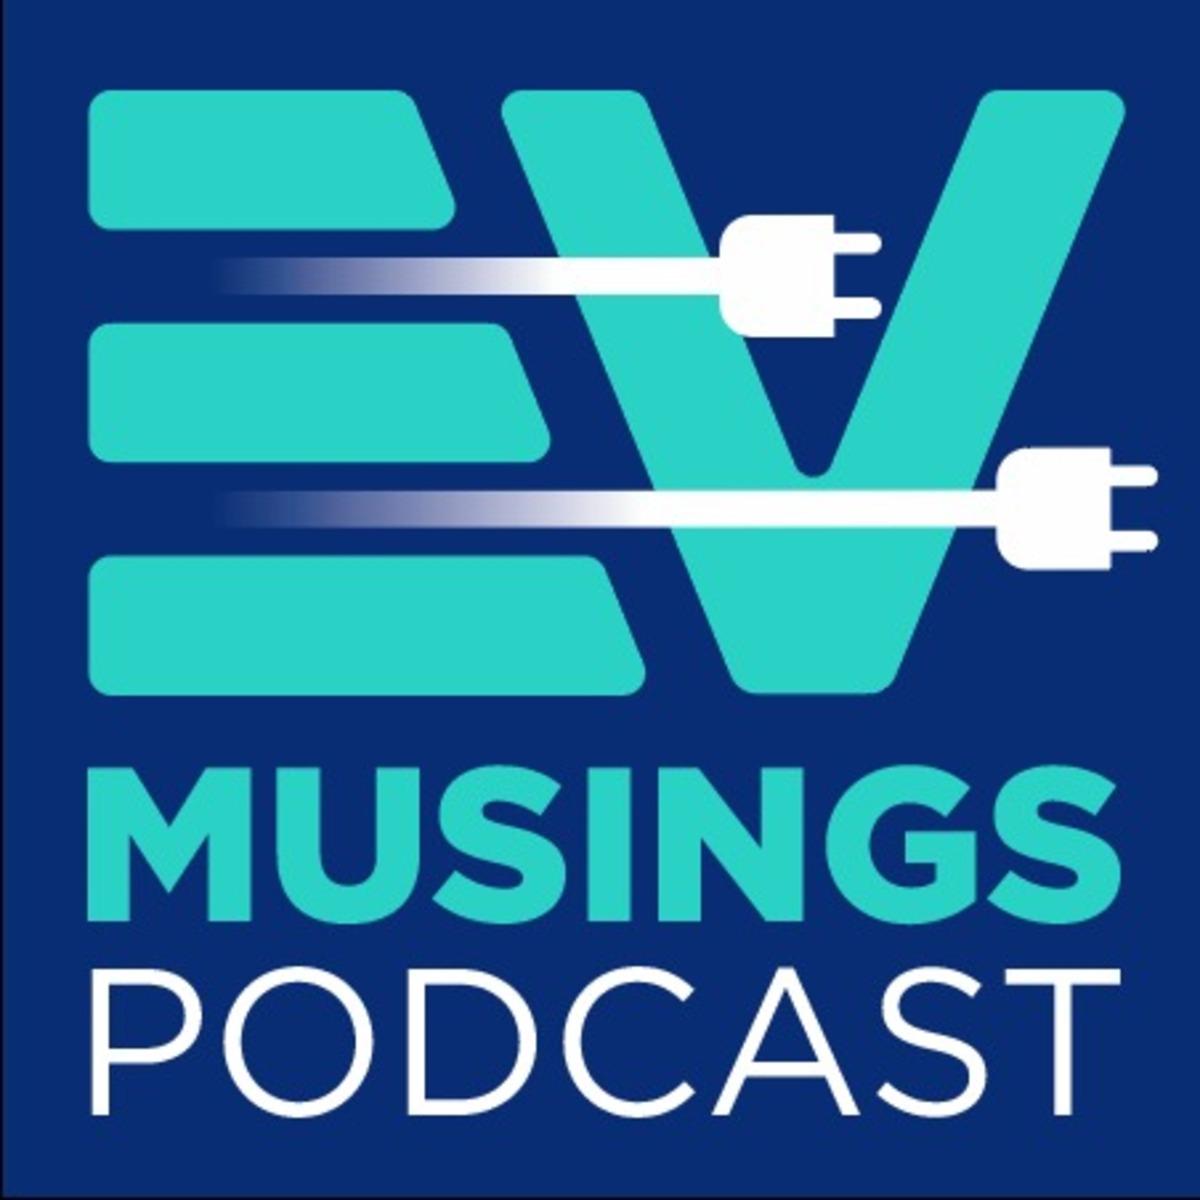 The EV Musings Newsletter